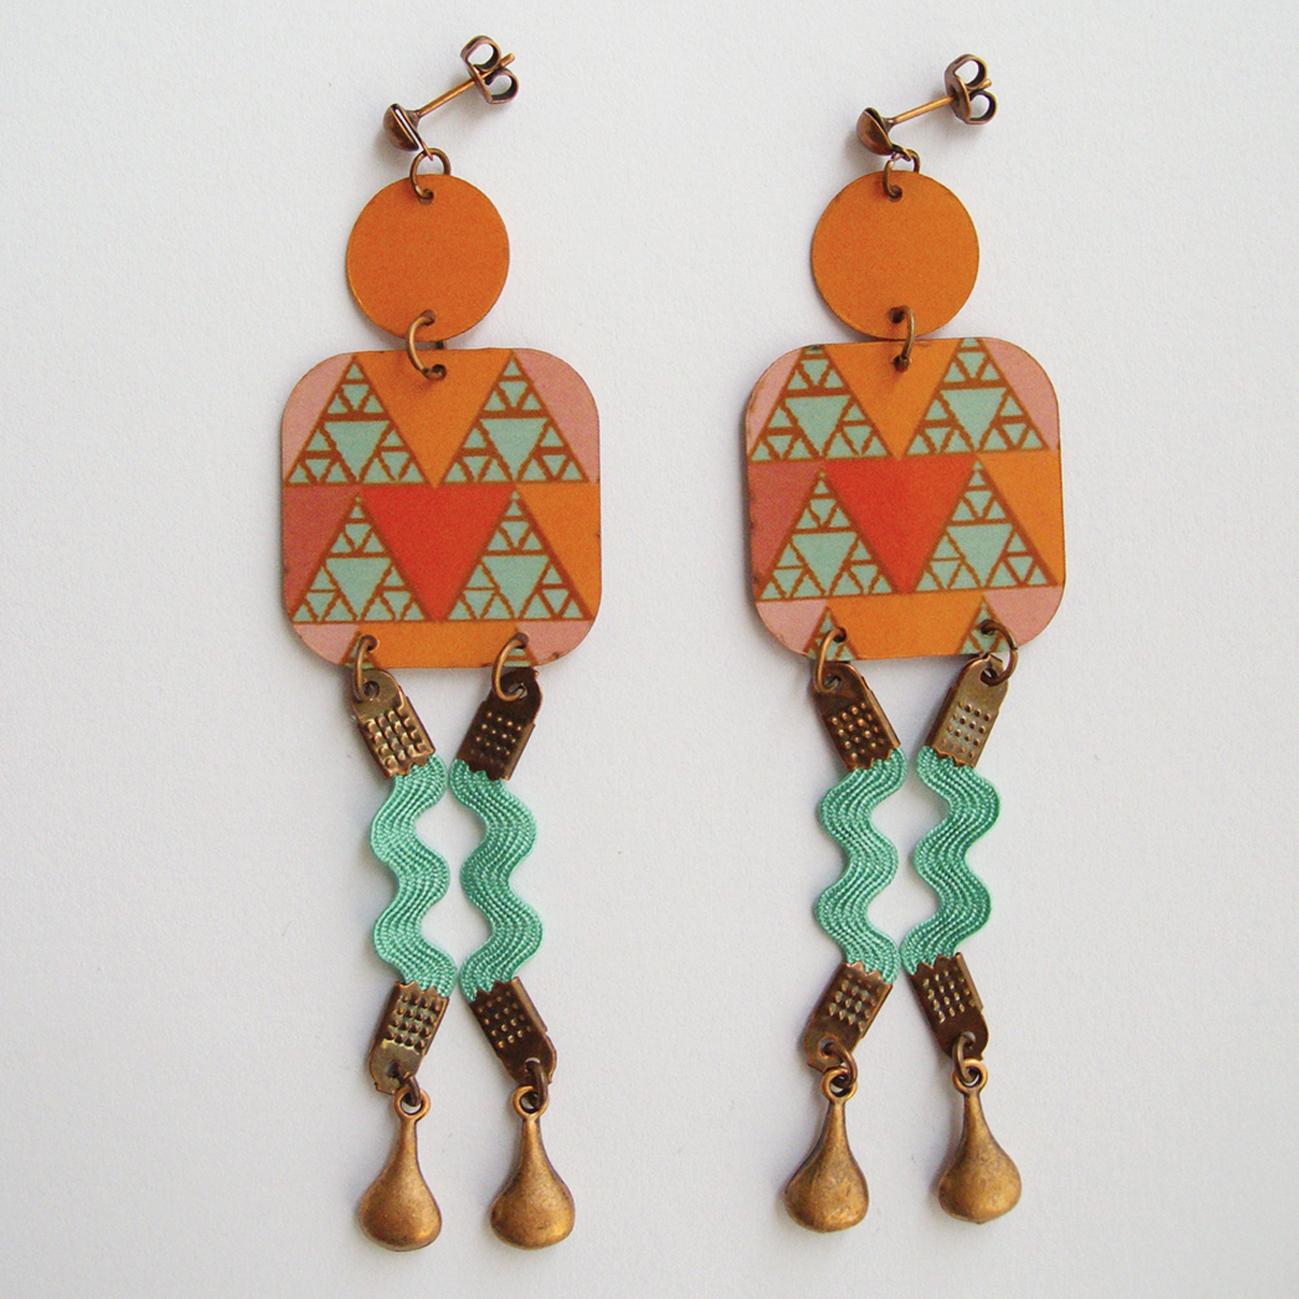 Boucles d'oreilles Abina 2 rubans Orange-Bleu - laiton cuivré